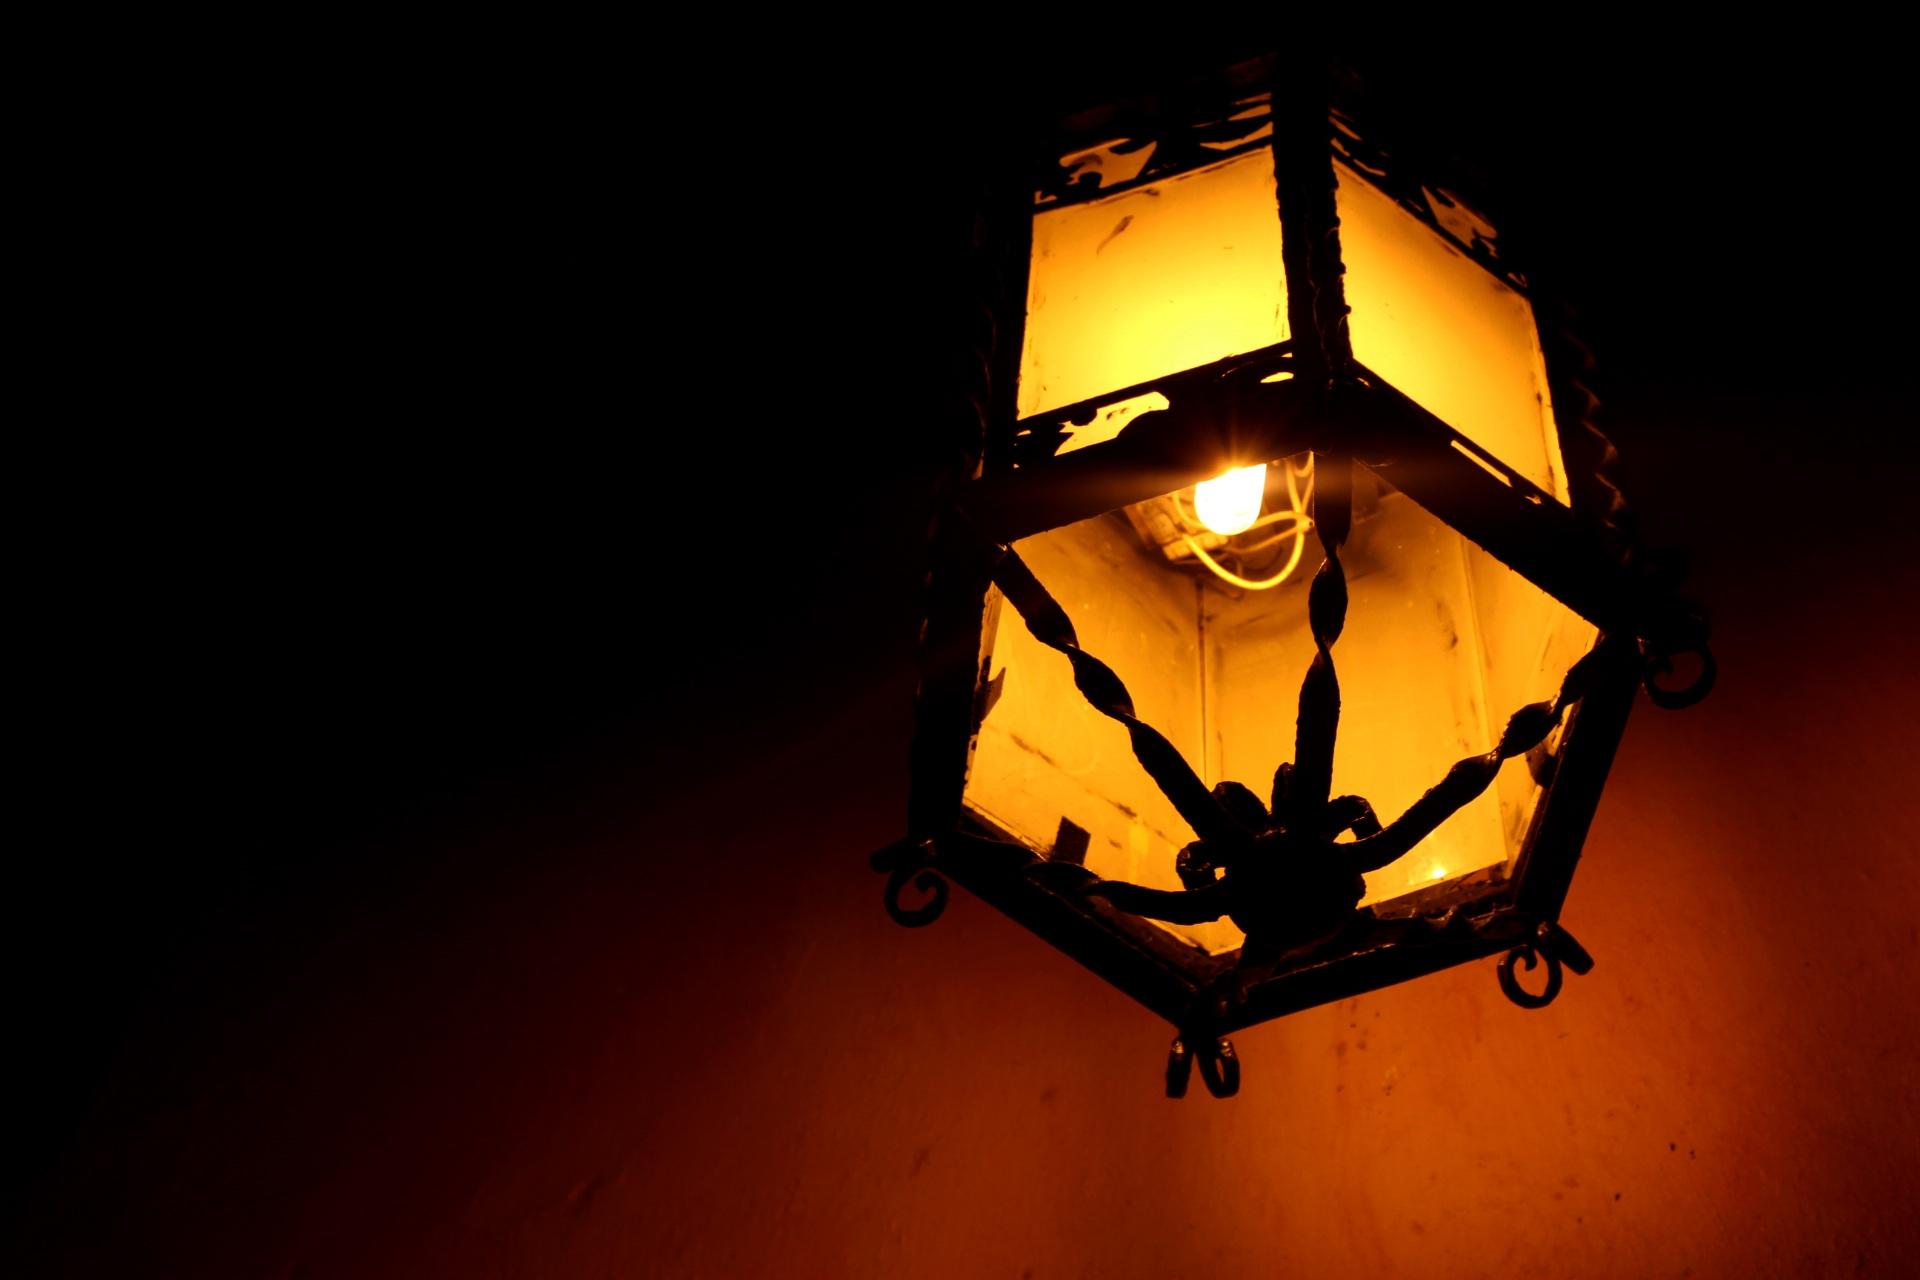 Download 600 Wallpaper Bagus Lampu HD Terbaru